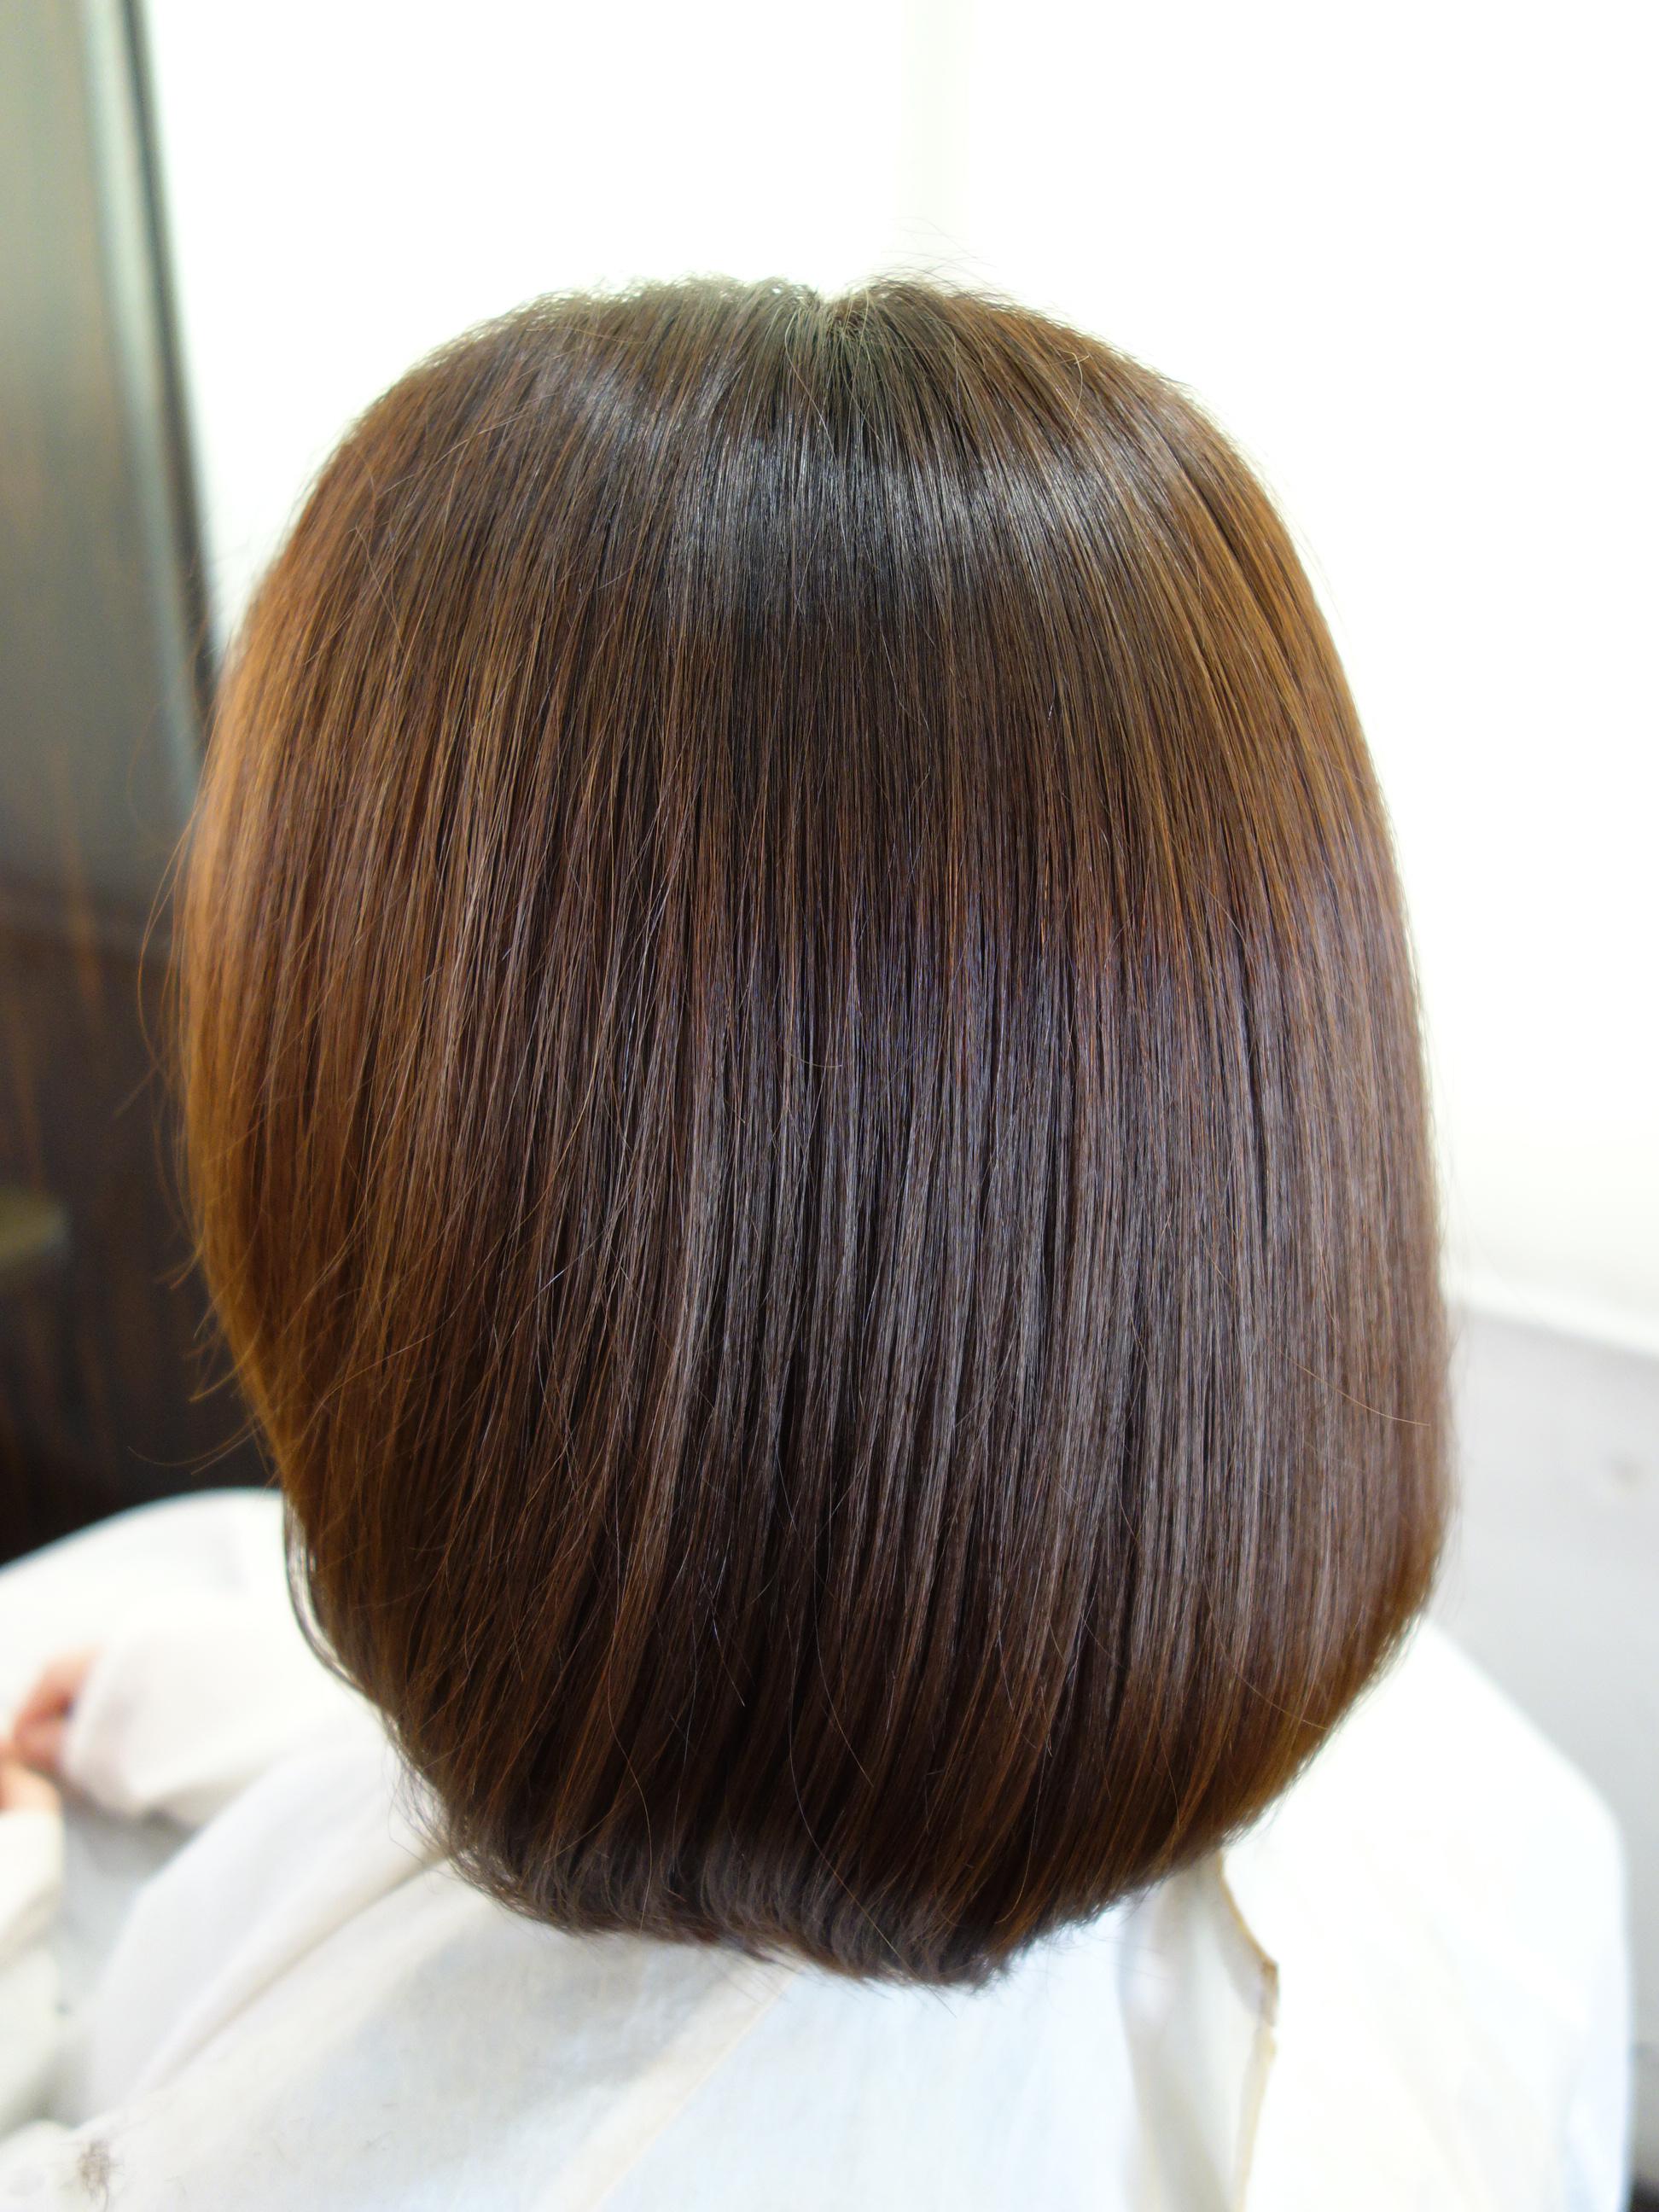 ヘナをすると髪が黒くなるってほんと?   神戸で本物の天然100 ...